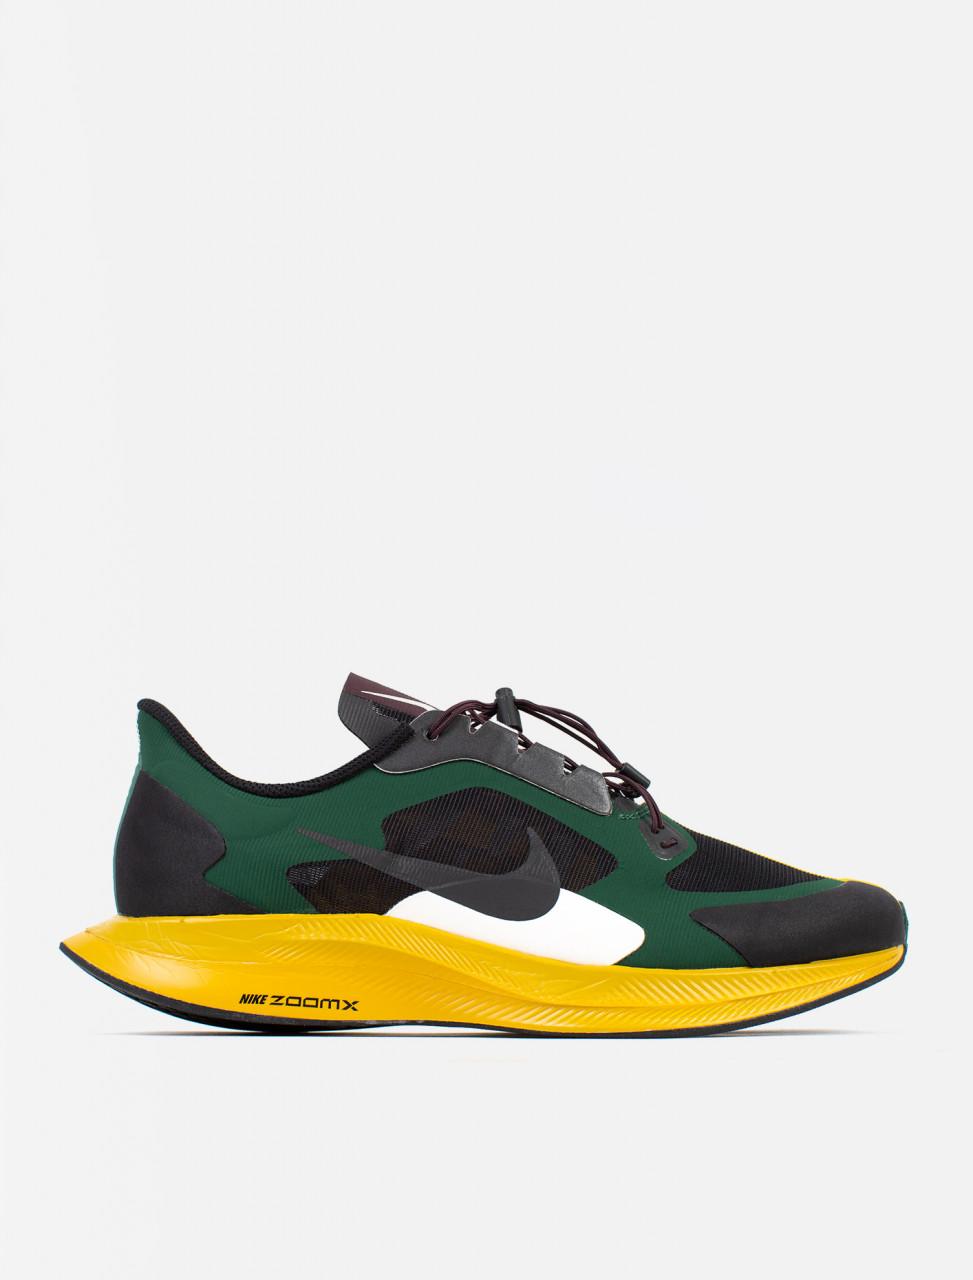 c8317868a6a6c Nike x Gyakusou Zoom Pegasus 35 Turbo Sneaker